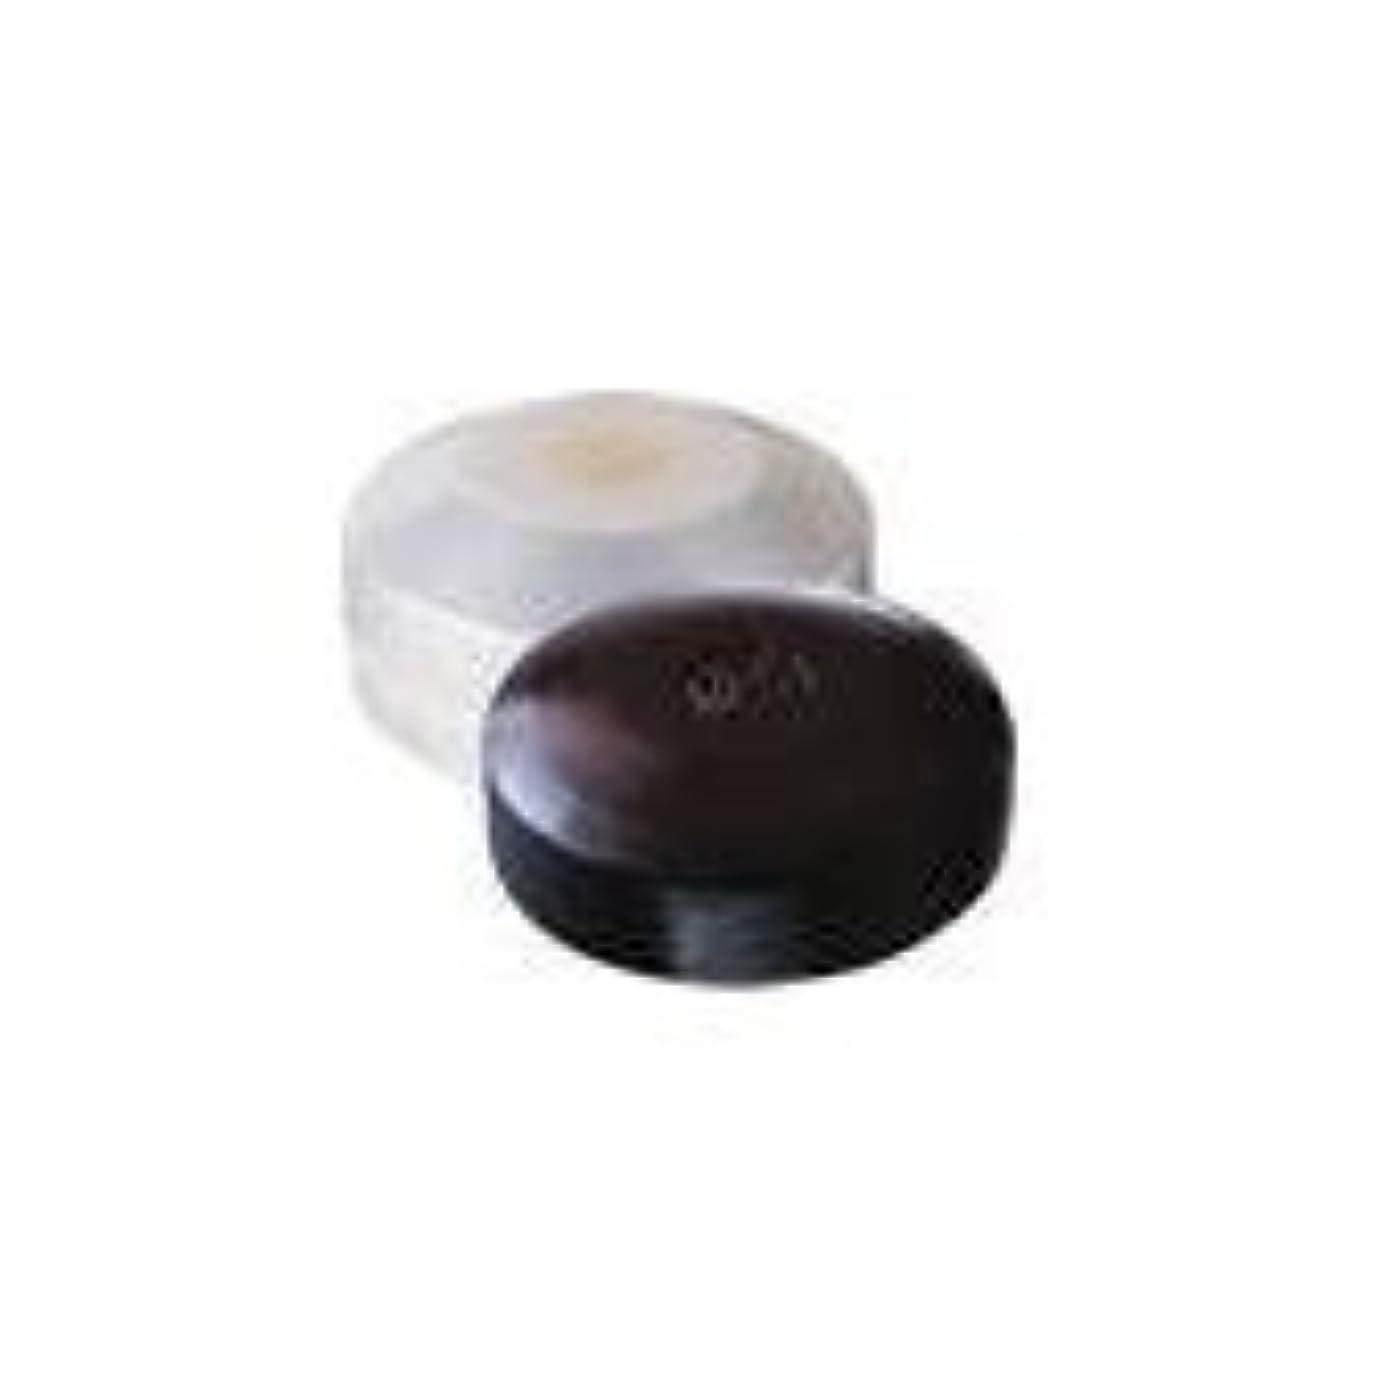 レール有効な論理的にマミヤン アロエ エクセルソープ 120g(ケース付き)<石鹸>